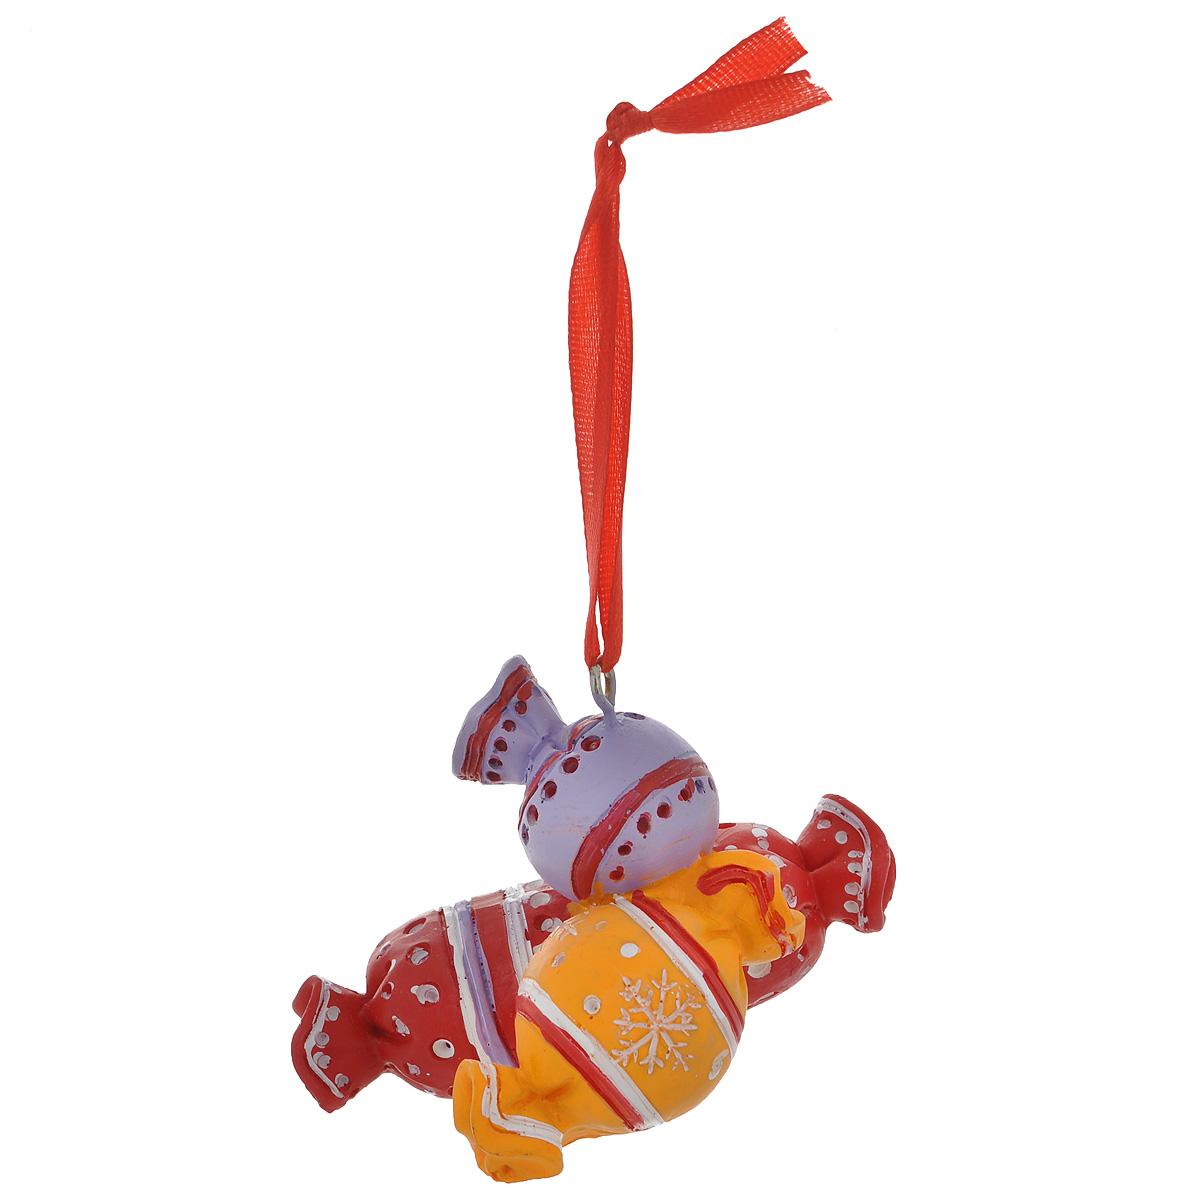 Новогоднее подвесное украшение Конфеты. 345741125295Оригинальное новогоднее украшение из пластика прекрасно подойдет для праздничного декора дома и новогодней ели. Изделие крепится на елку с помощью металлического зажима.